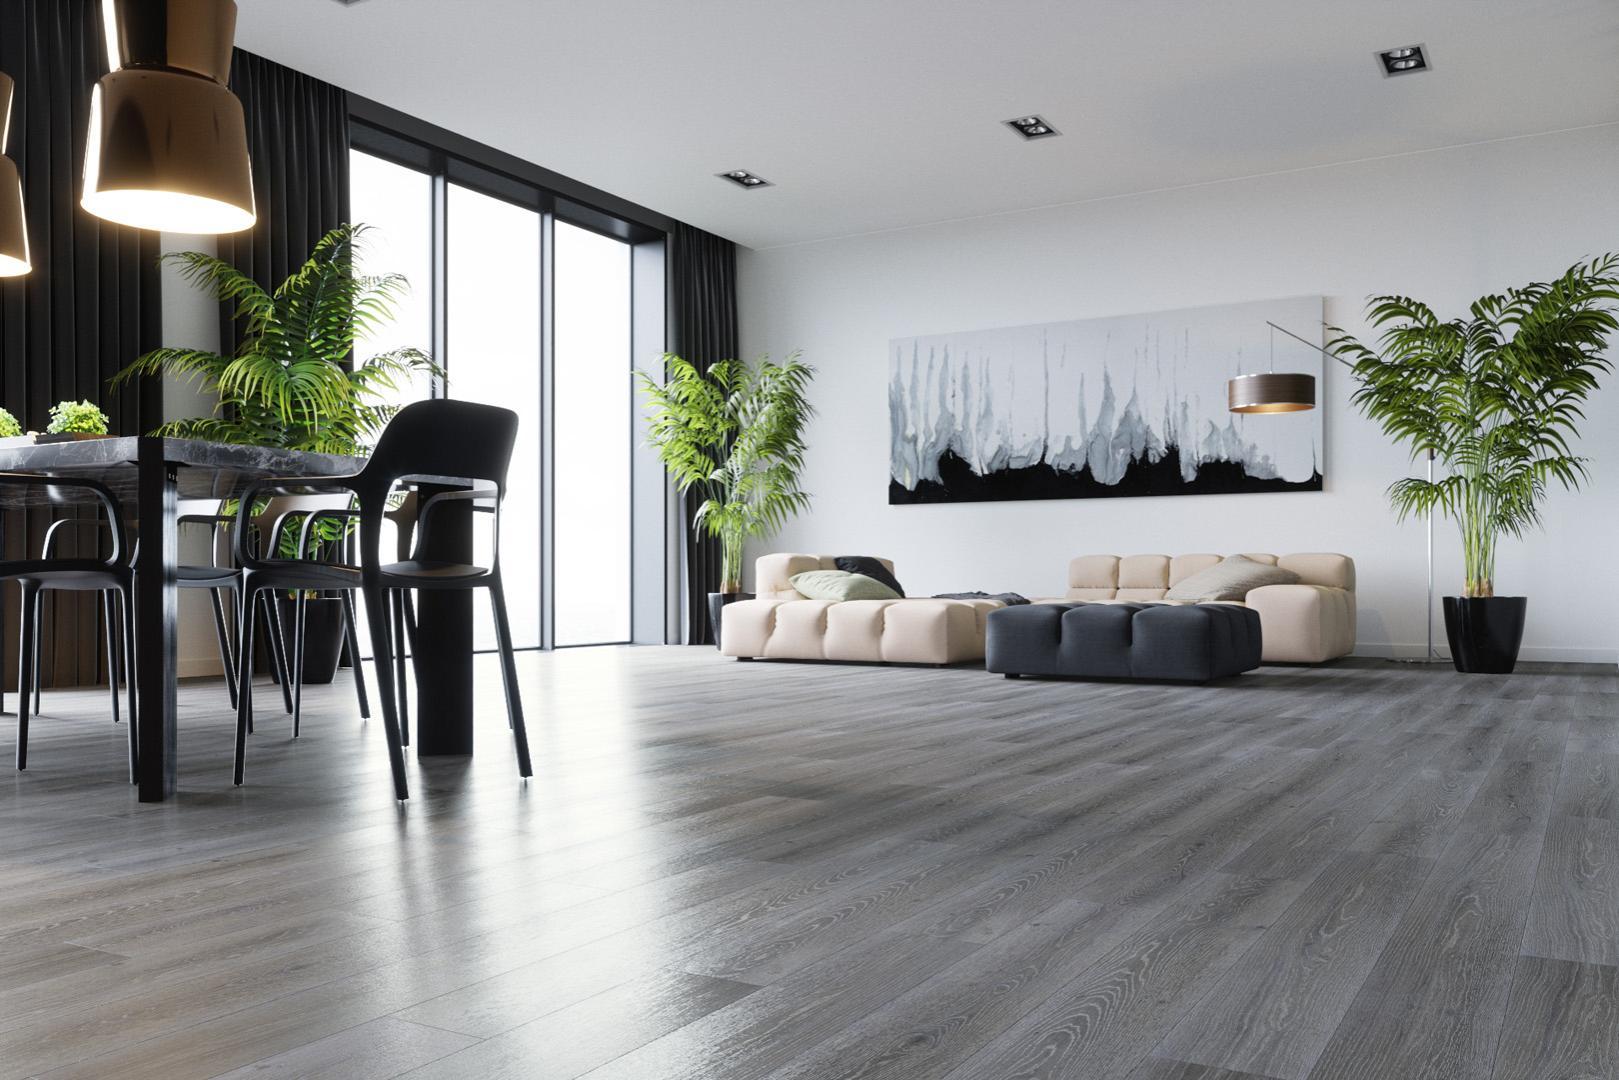 Кварцевый ламинат Refloor Fargo: идеальное решение для дома и квартиры